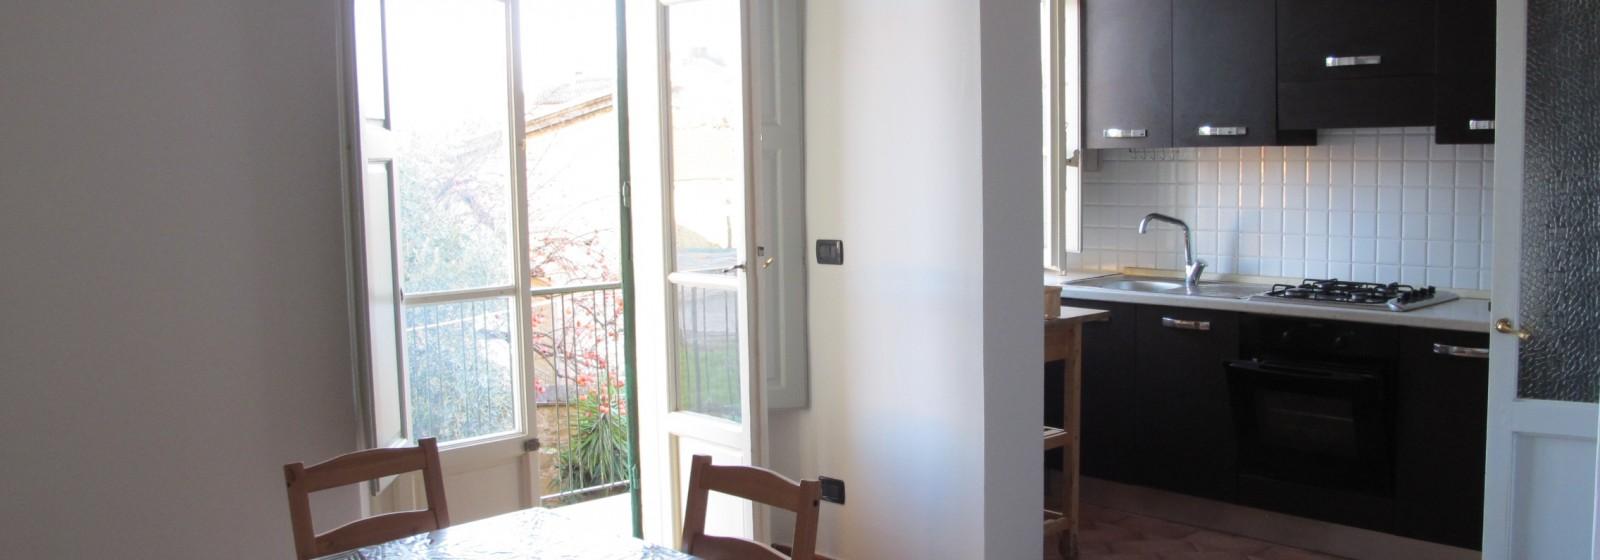 5 vani arredato in affitto zona Dalmazia